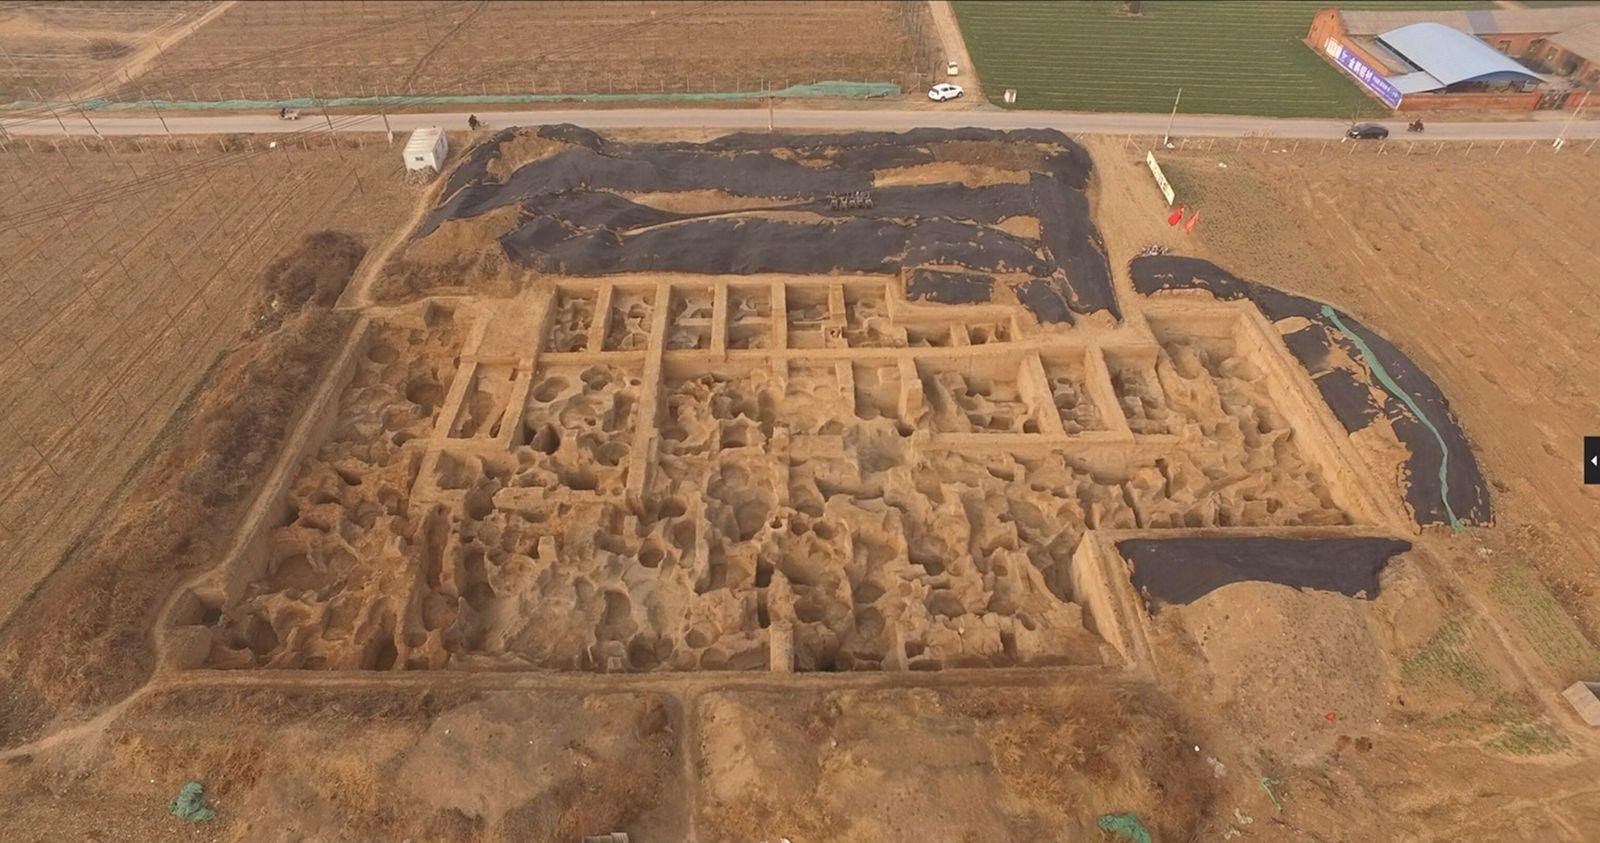 Arqueólogos escavavam o sítio arqueológico de Guanzhuang desde 2011, tendo encontrado oficinas e centenas de poços ...